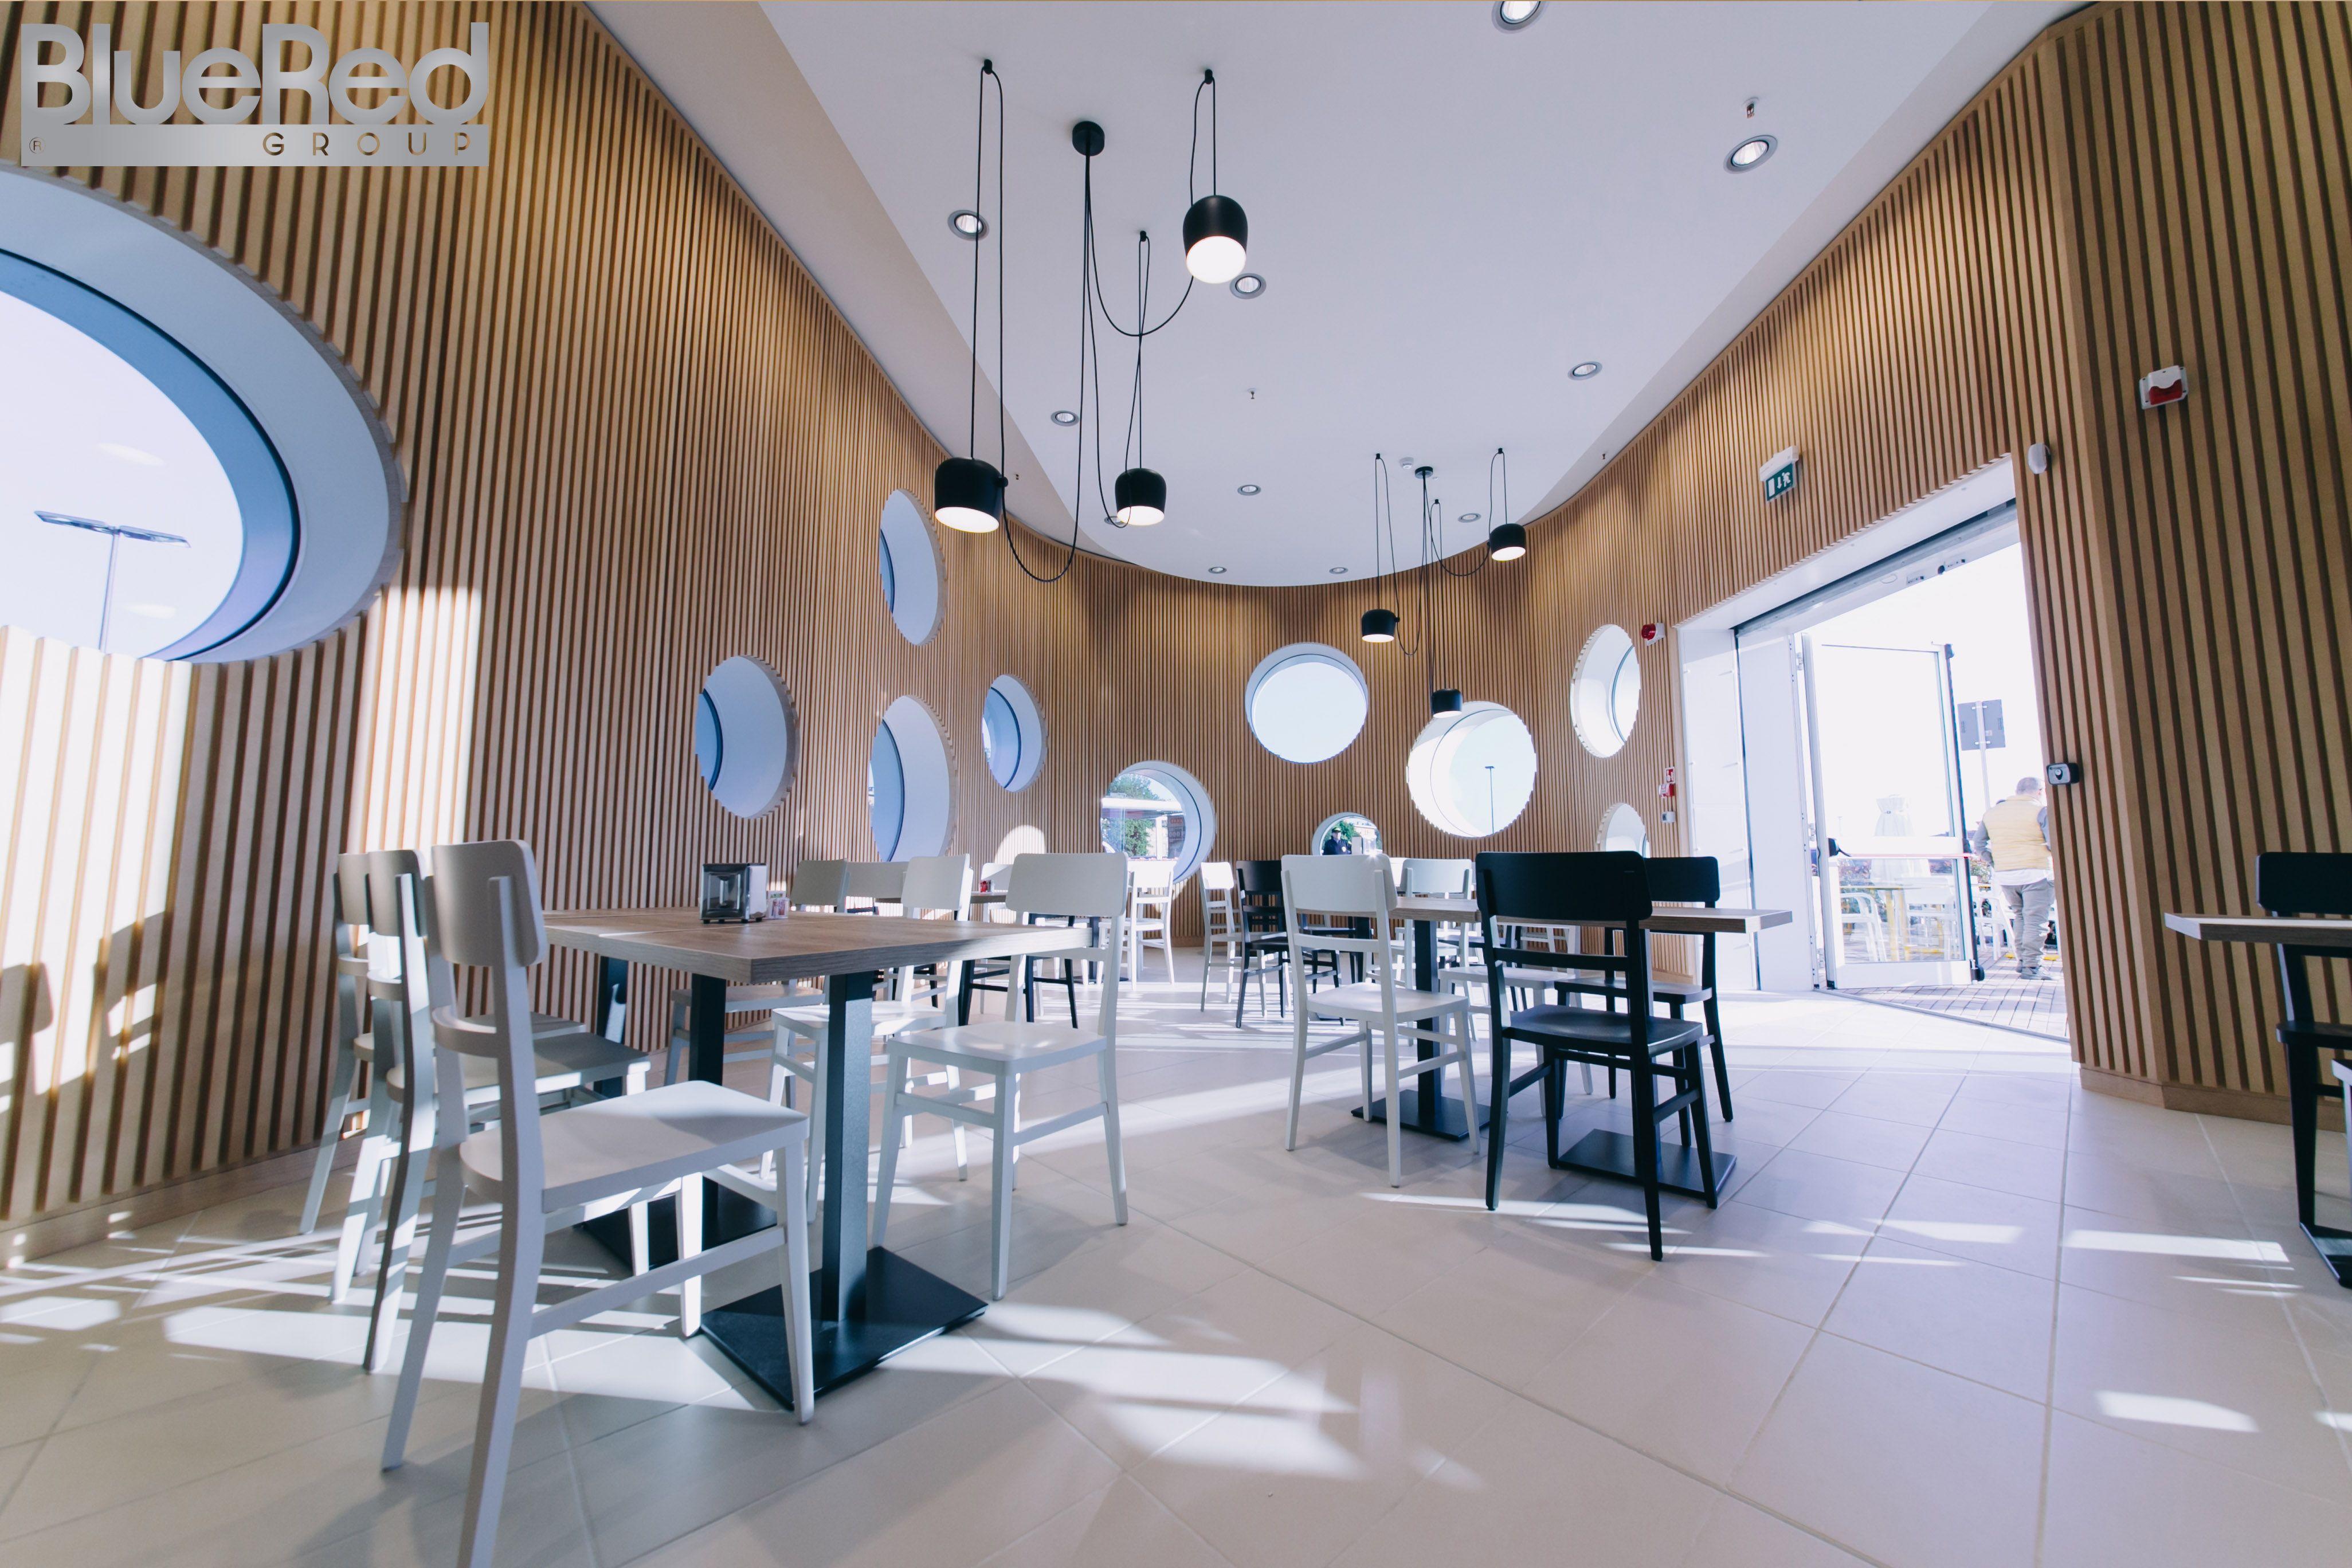 Tavoli Da Esterno Ipercoop.Pausa Caffe Al Bar Dell Ipercoop Di Formigine Modena Made With